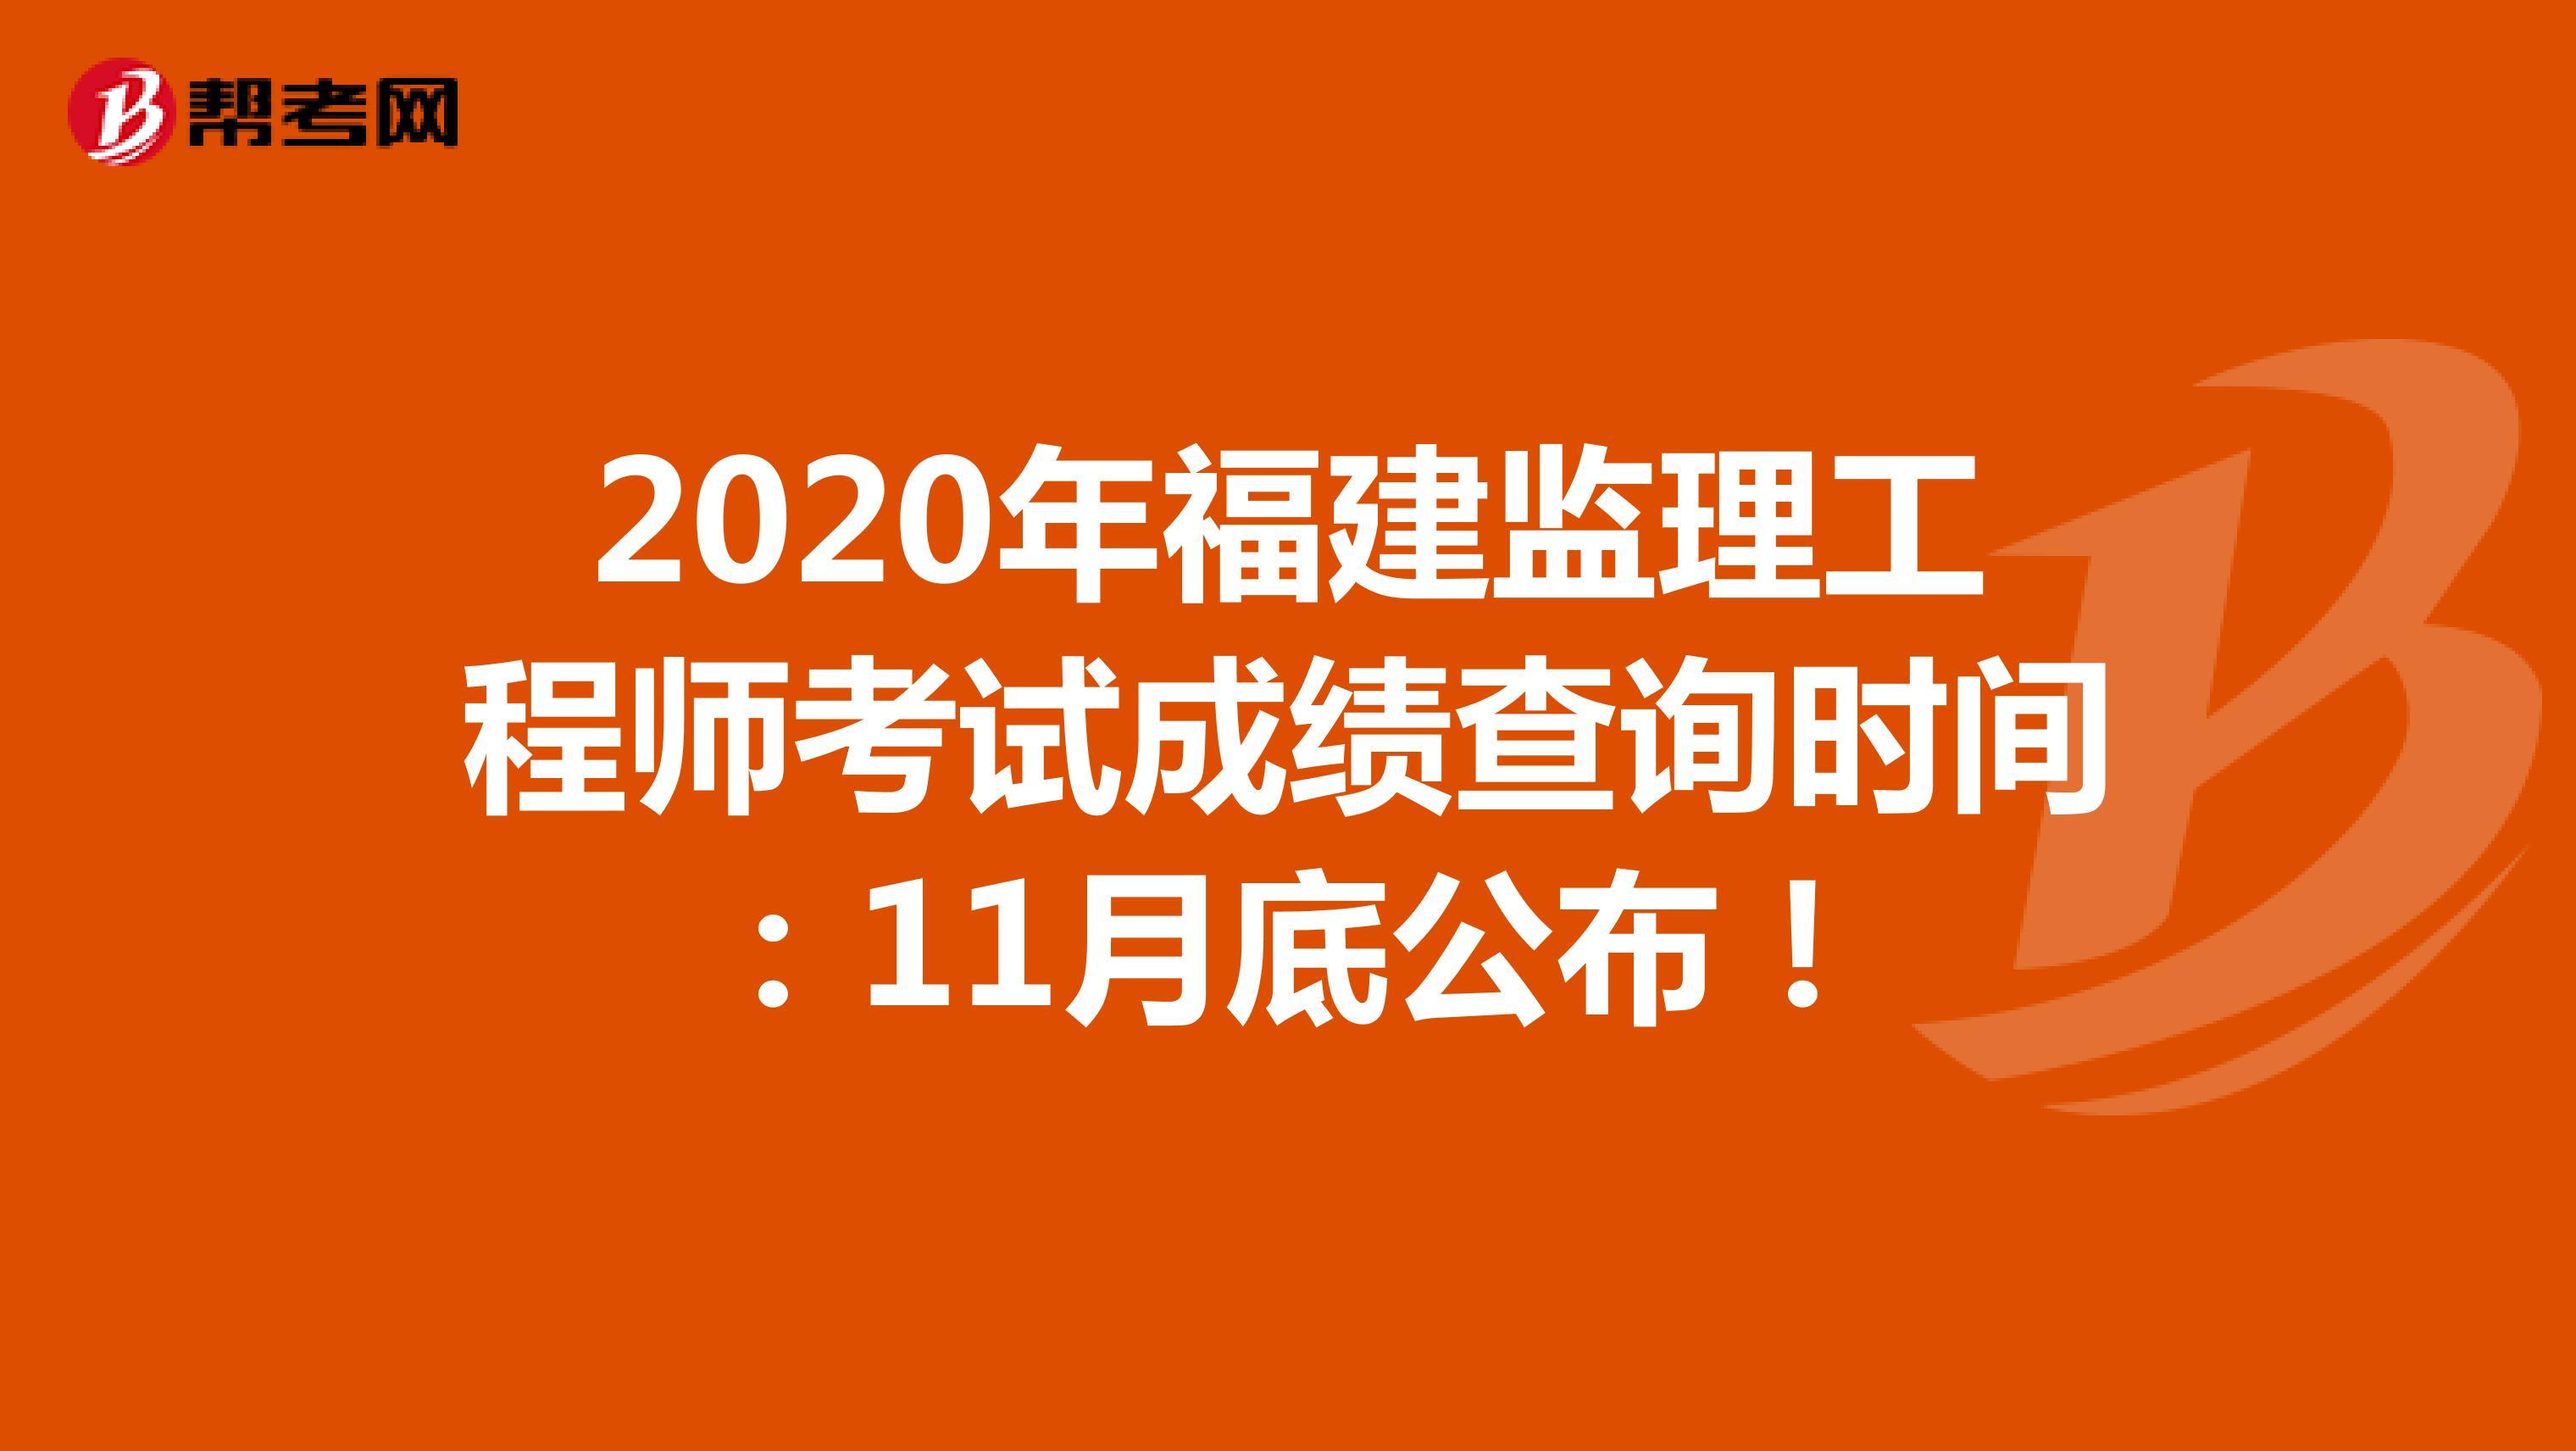 2020年福建电竞官网雷火电竞查询时间:11月底公布!